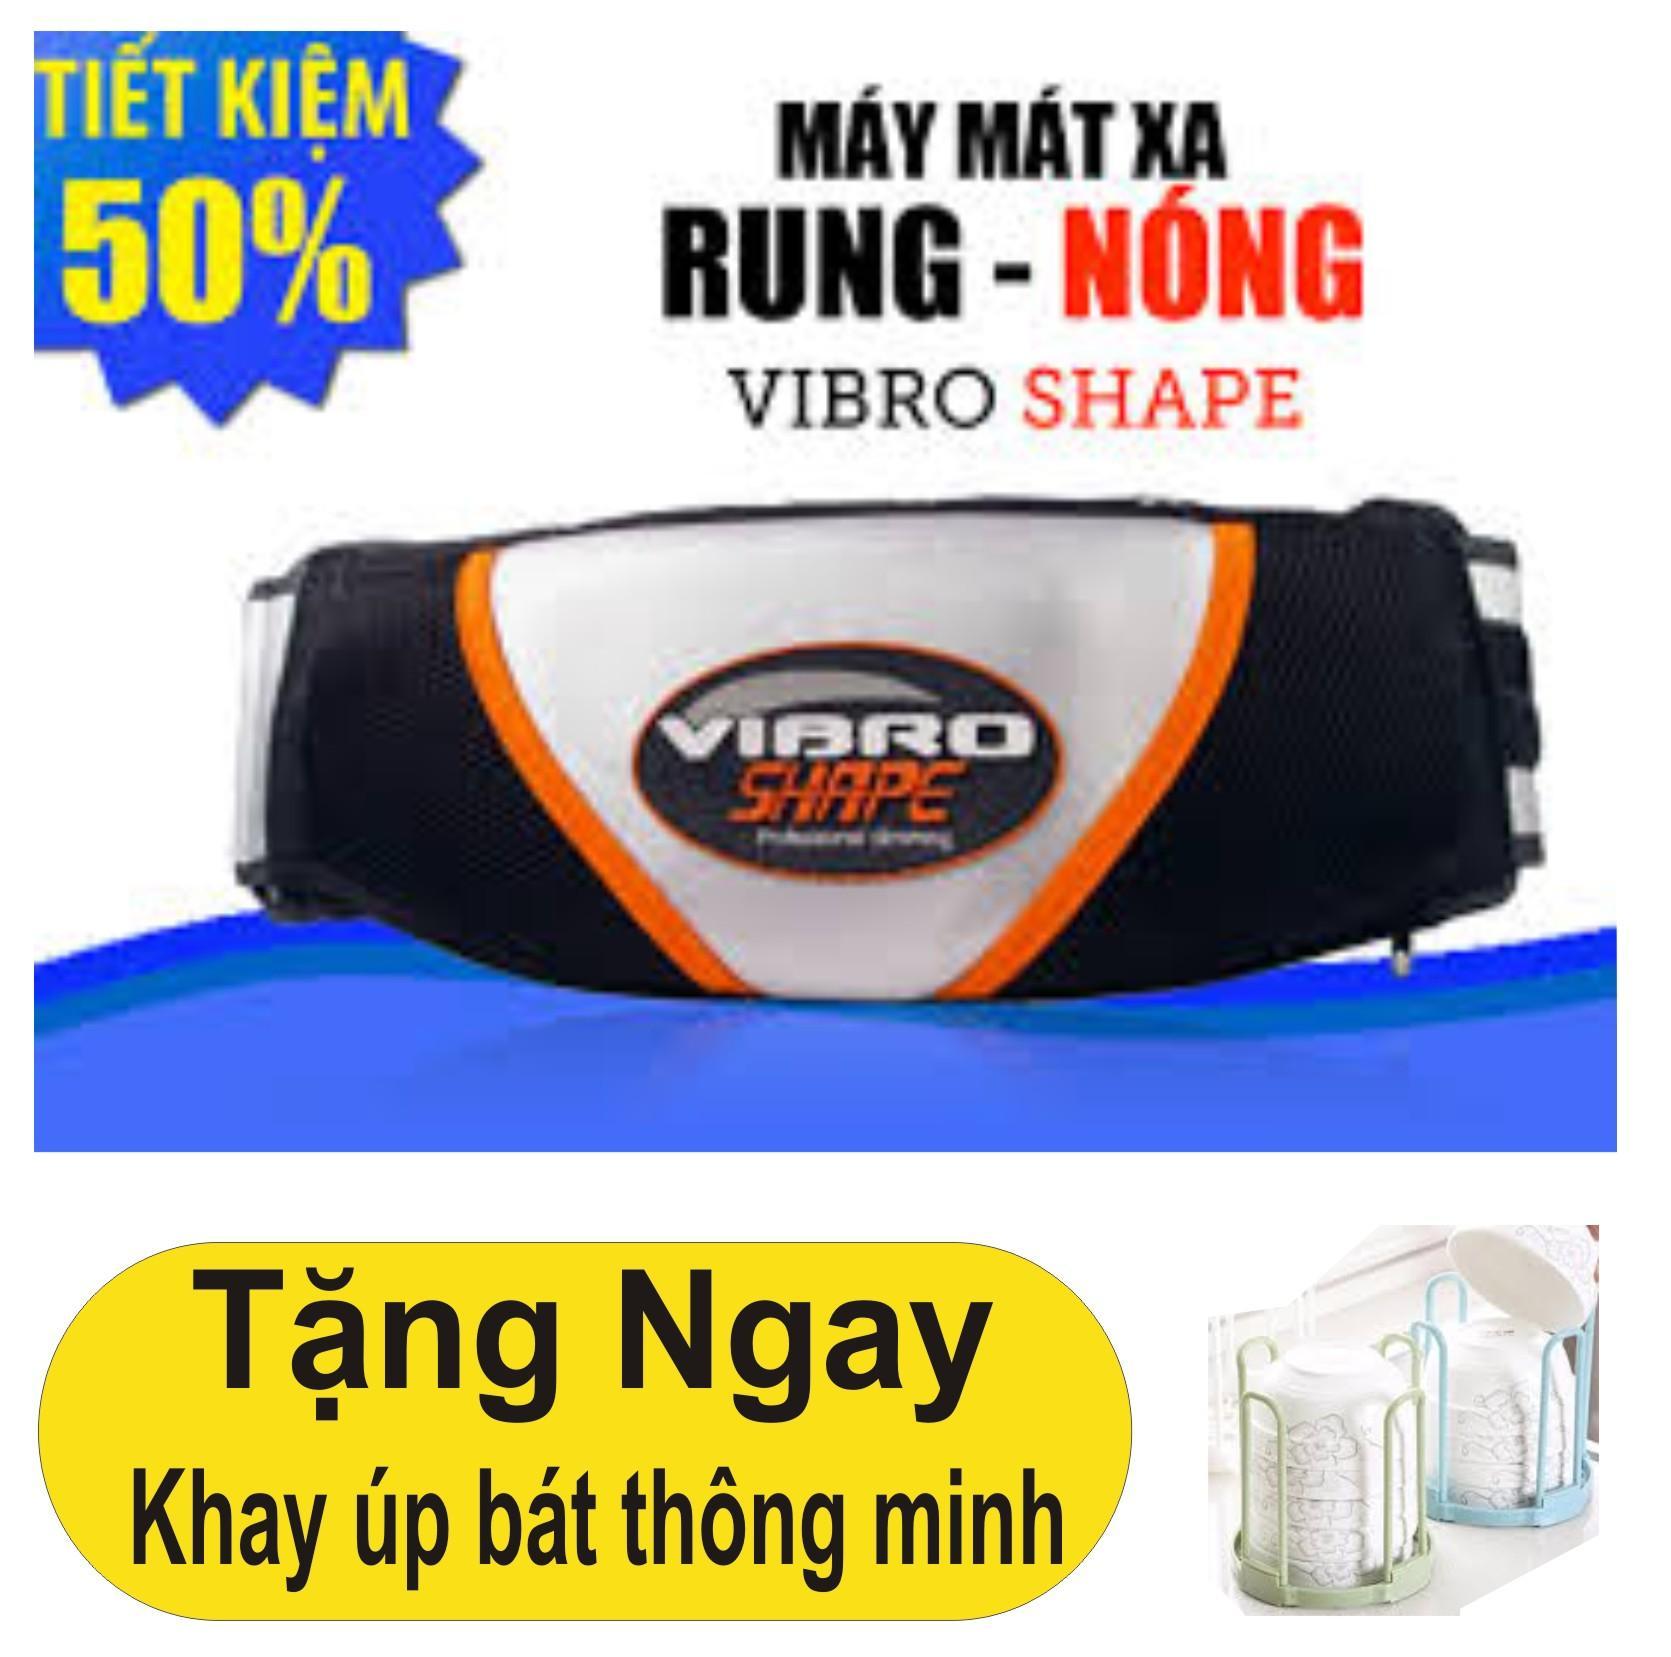 Đai Massa Nong Va Rung Giảm Mỡ Bụng Hiệu Quả Tặng Khay Up Bat Thong Minh Oem Chiết Khấu